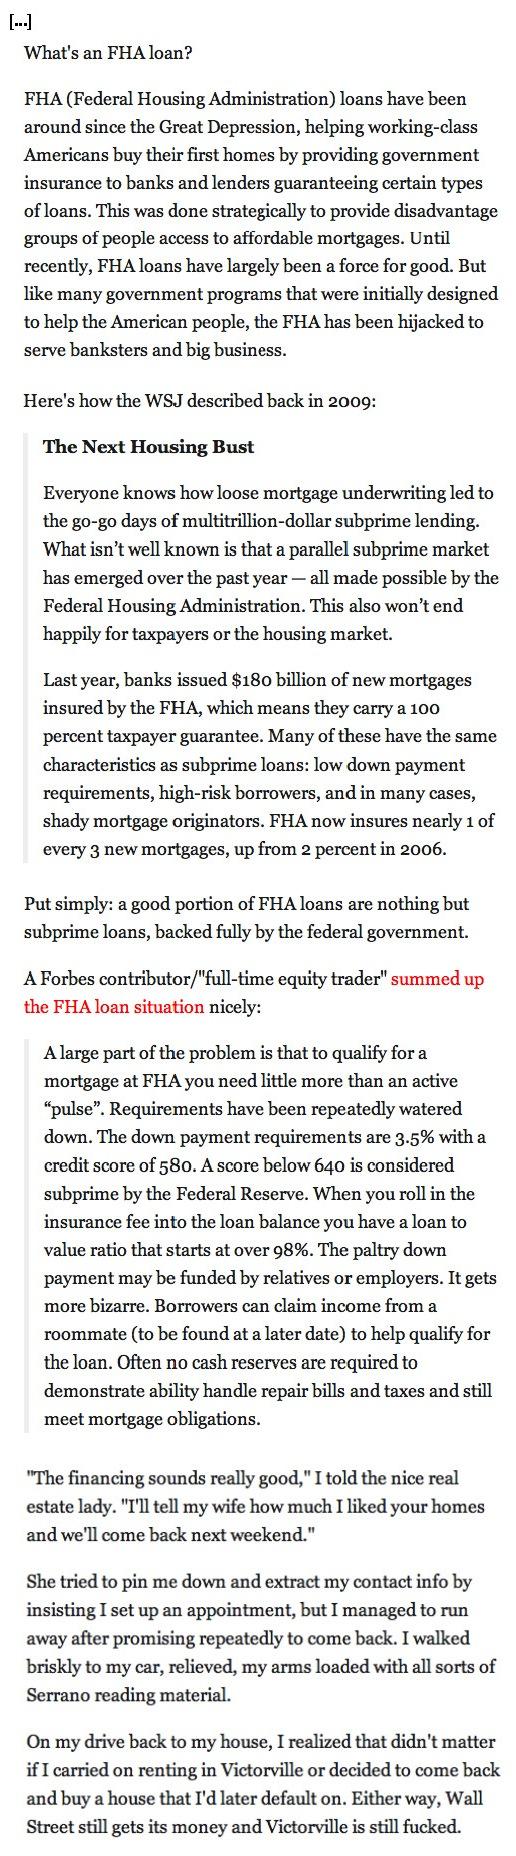 Housing Bubble Part Deuce